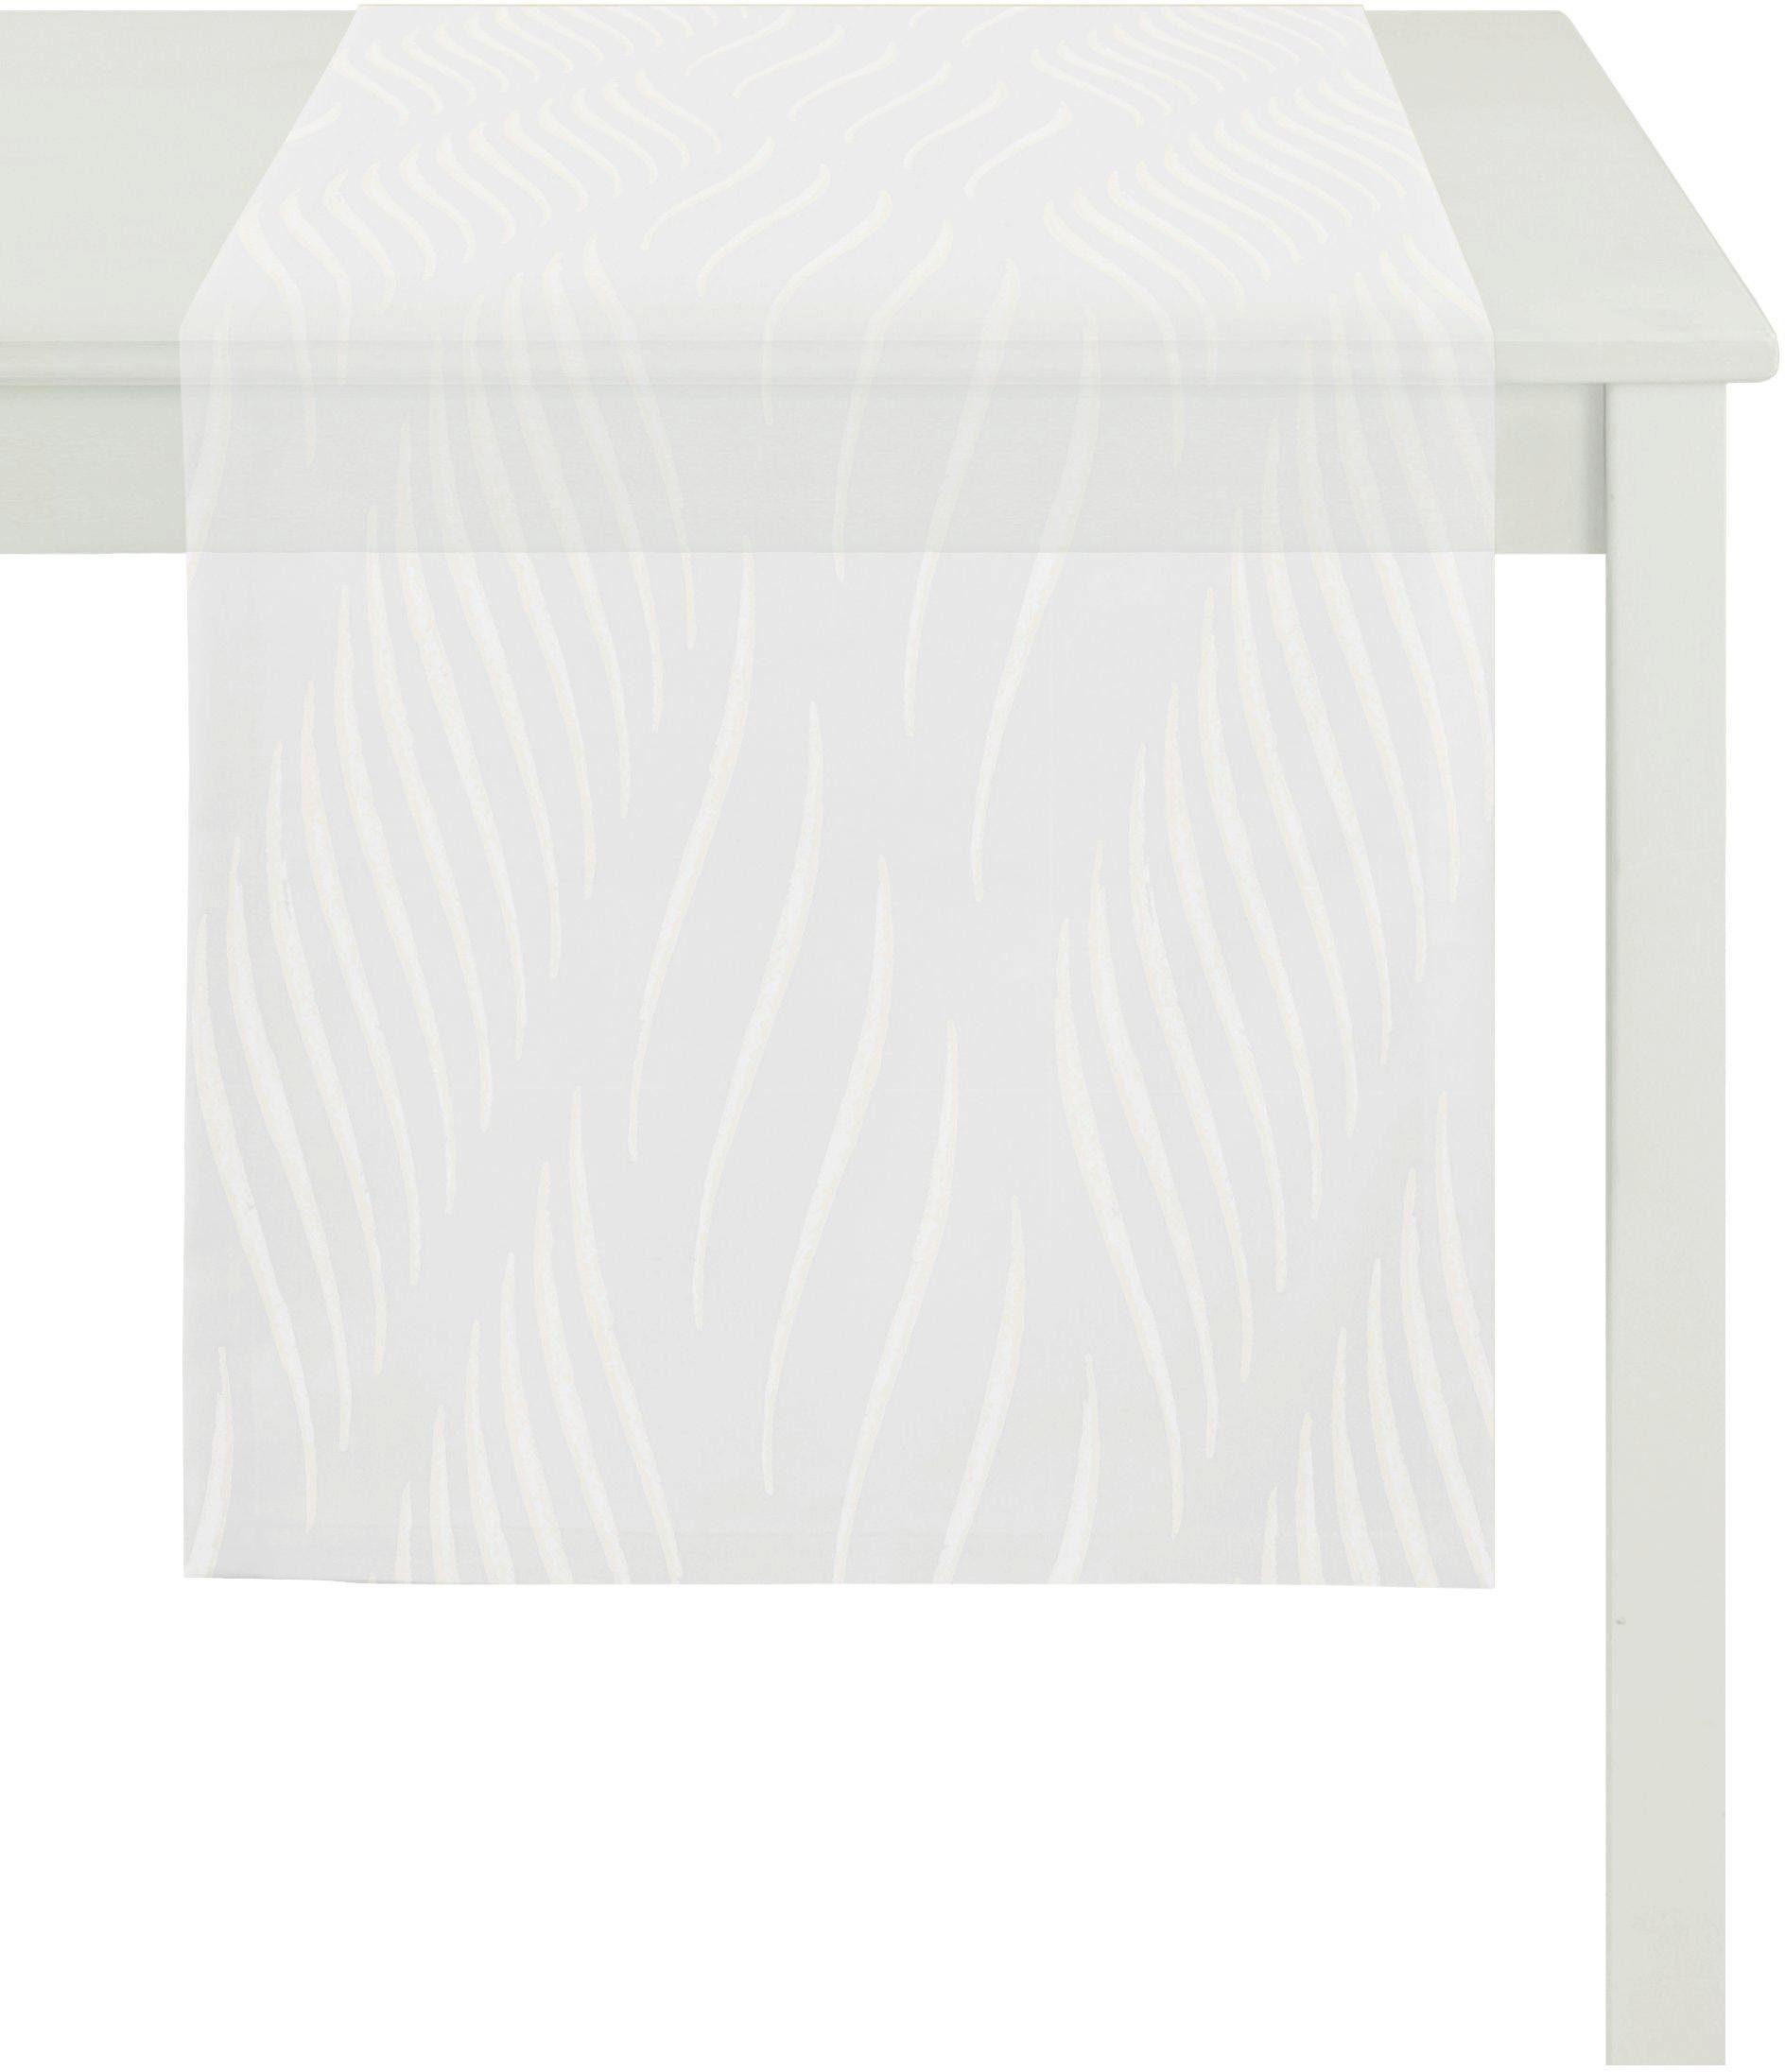 Apelt Tischläufer, 48x140 cm, »POESIA, LOFT STYLE, Inbetween«